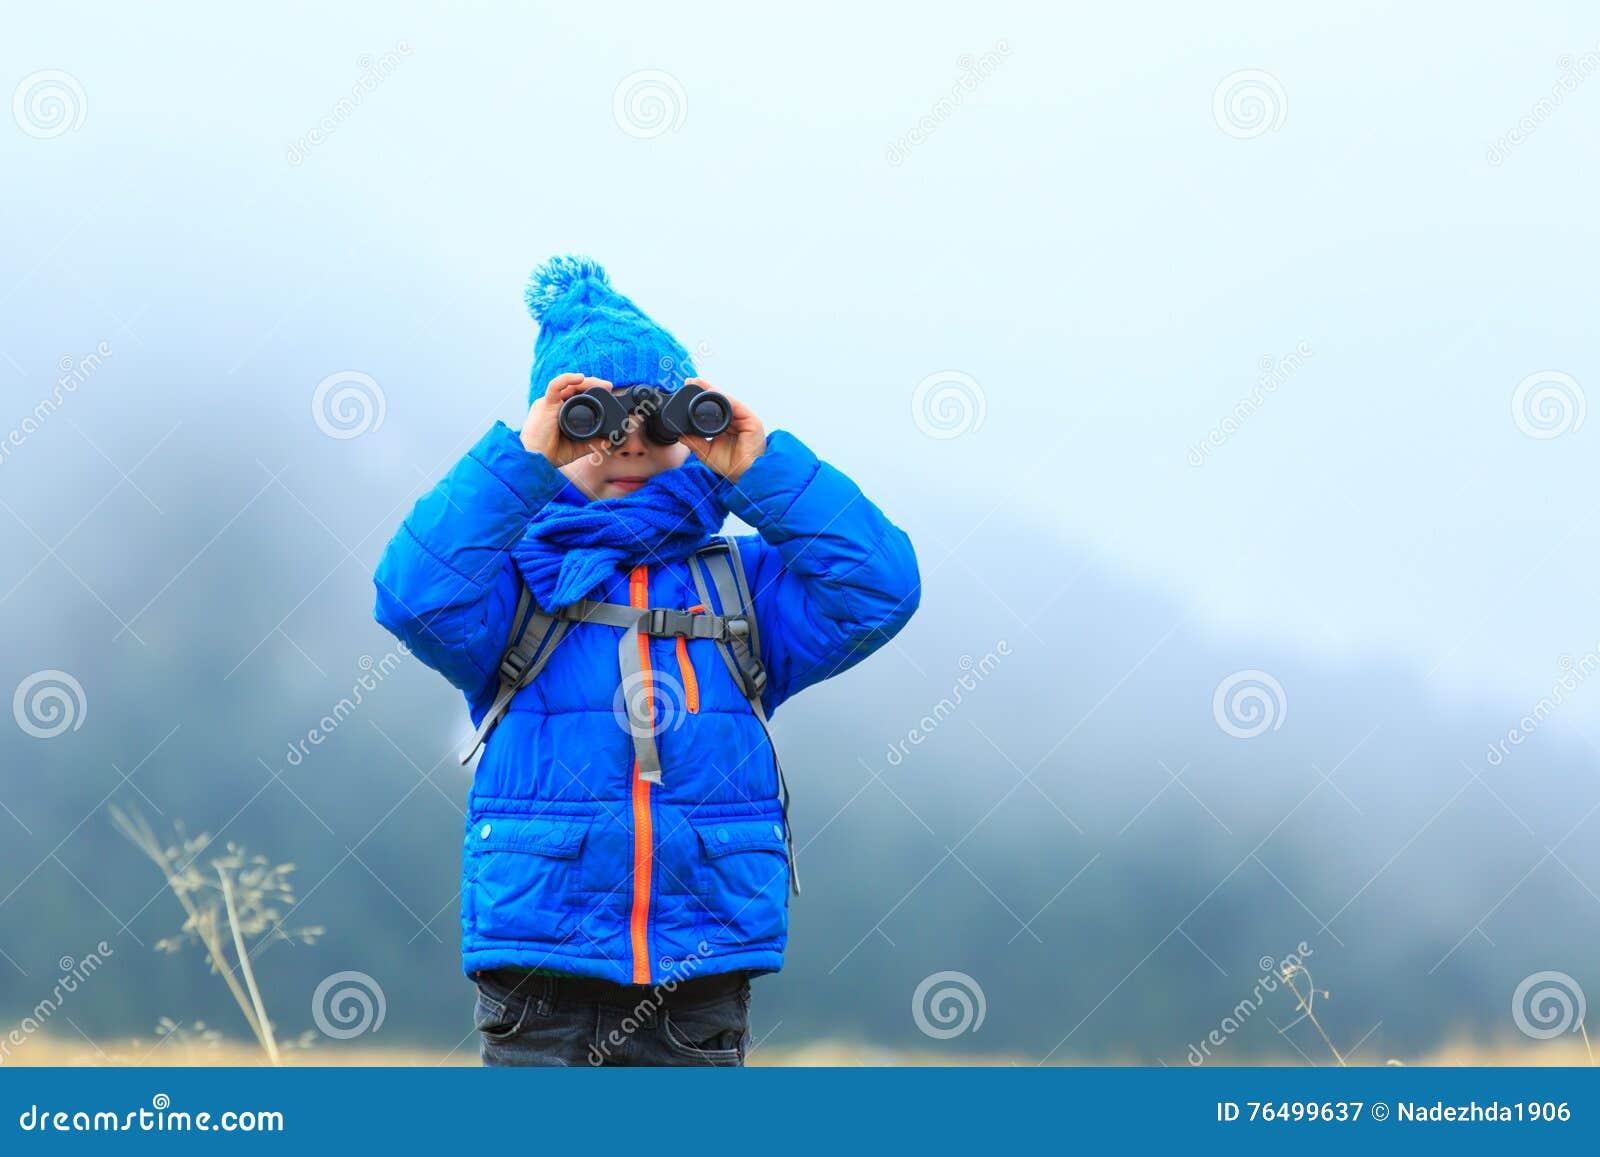 Kinder reisen kleiner junge mit den ferngläsern die in den